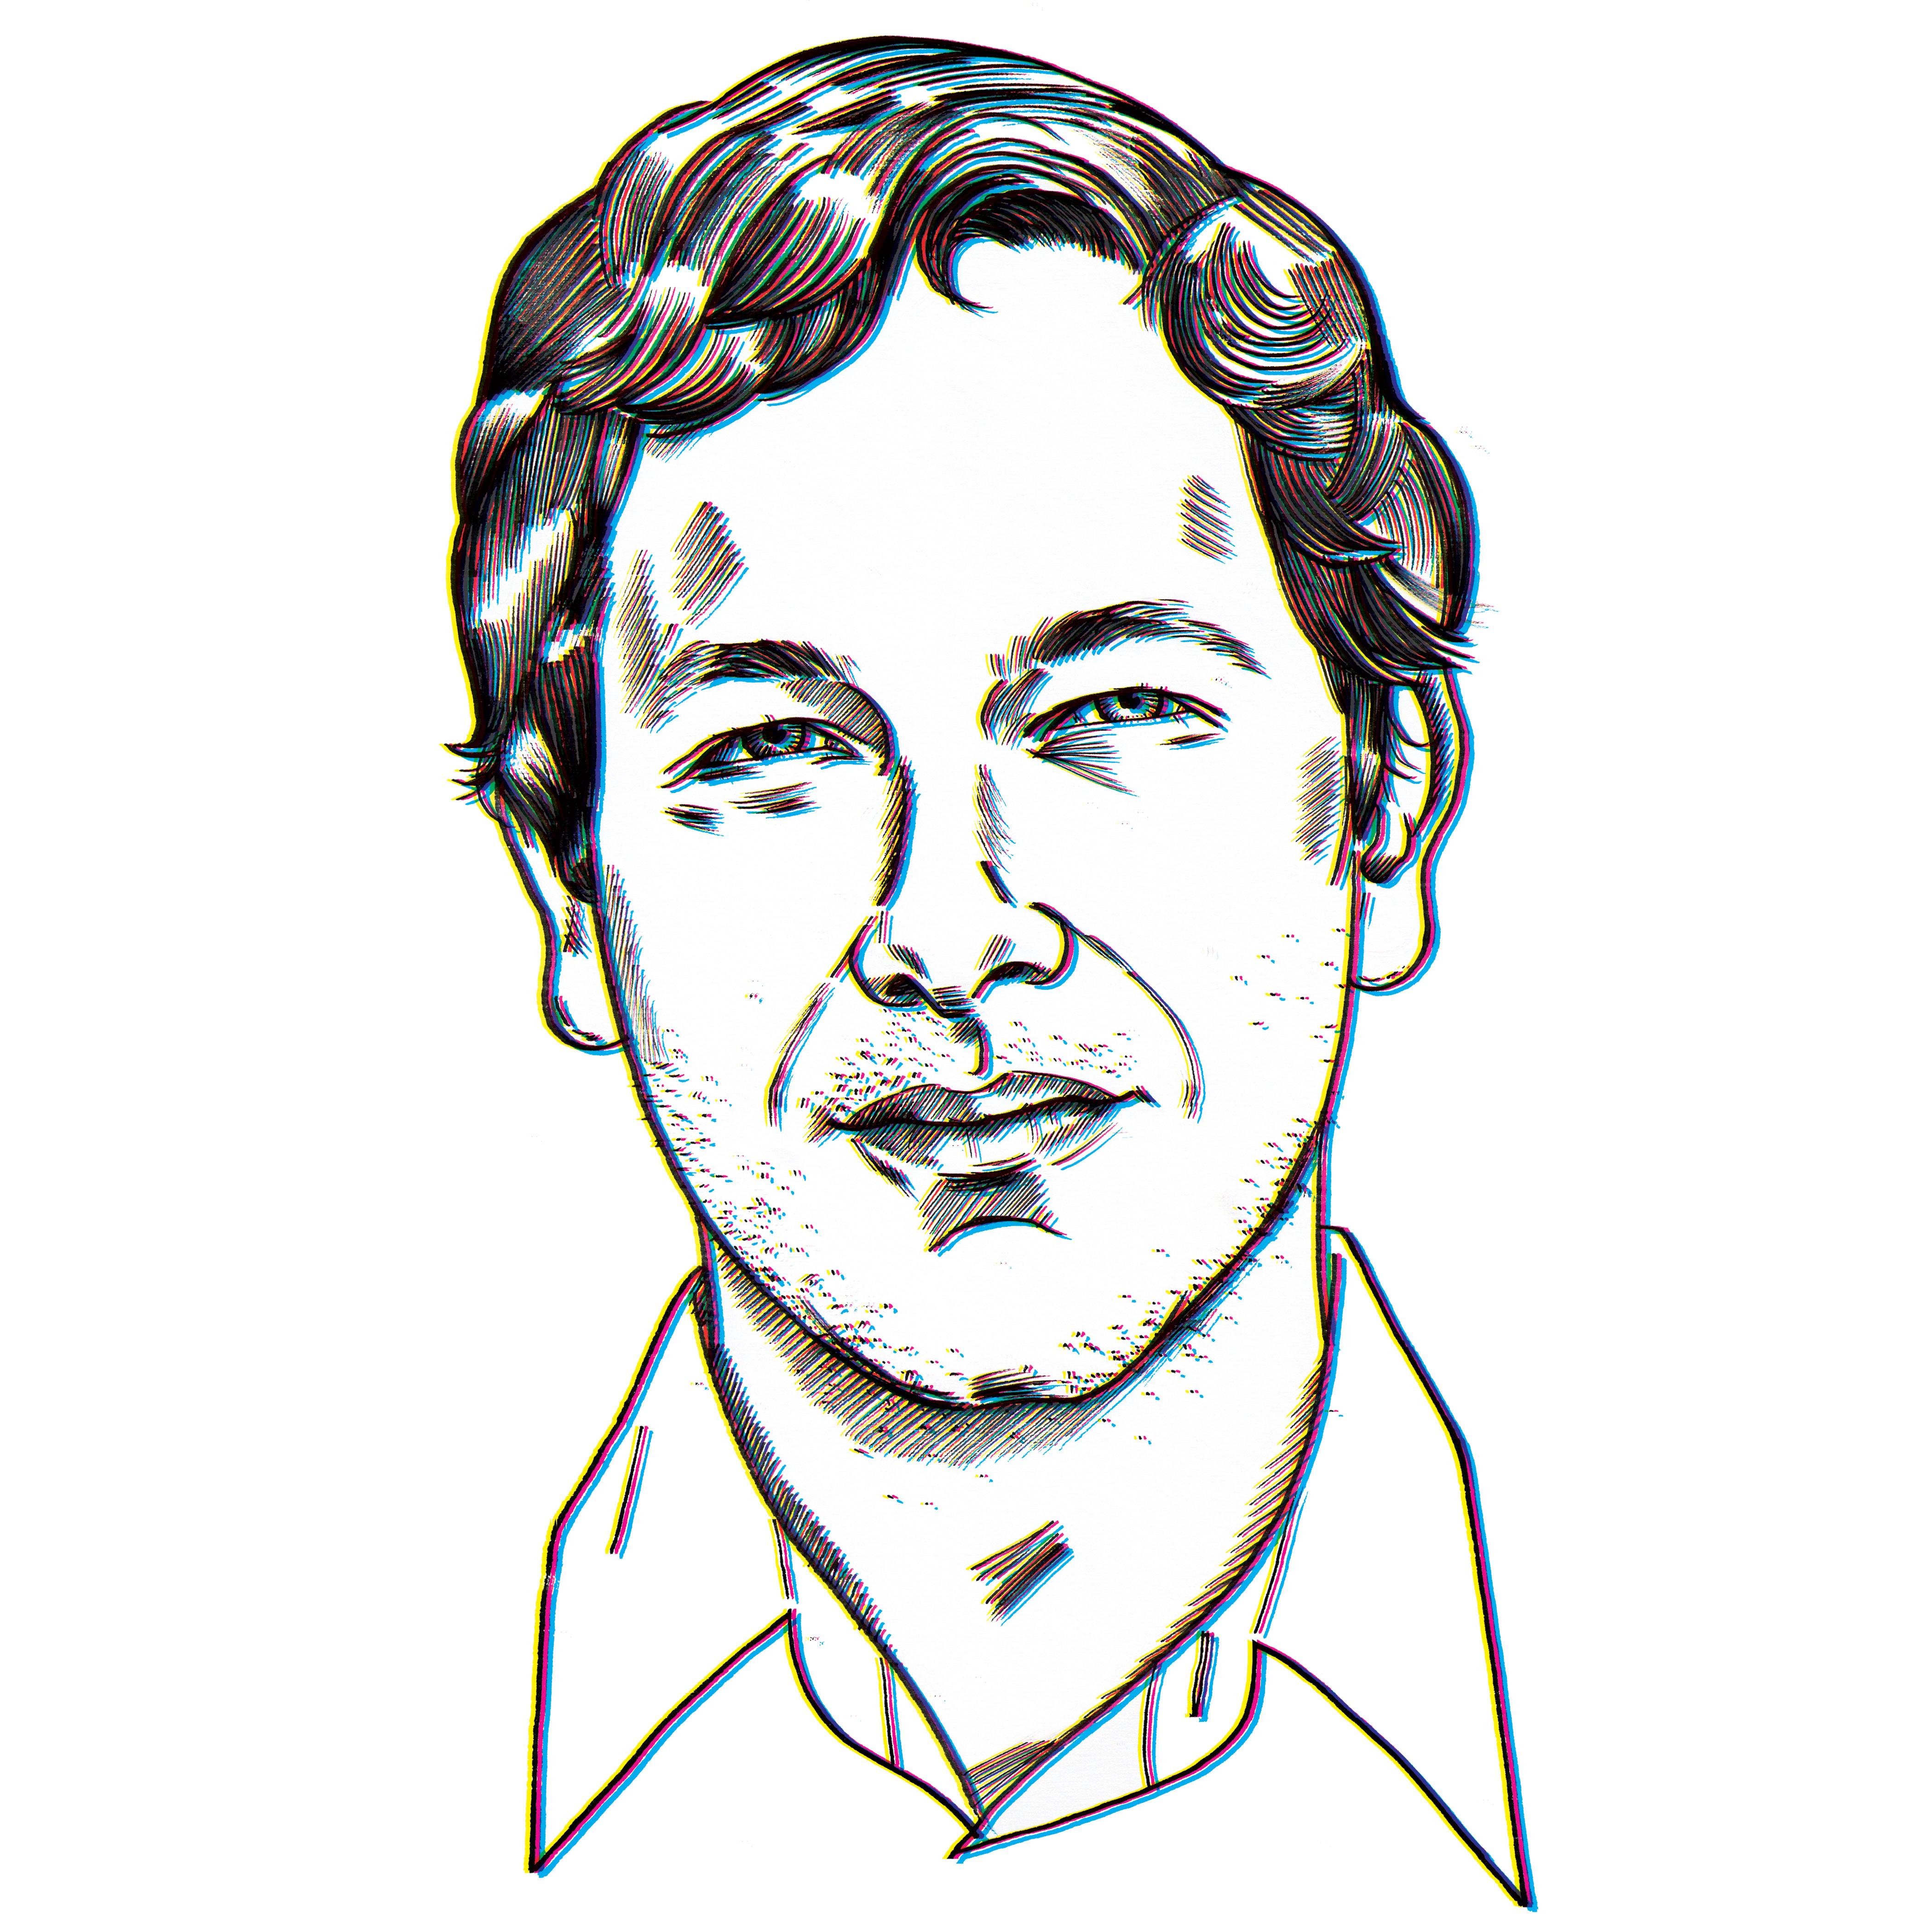 jon raymond, plazm editor